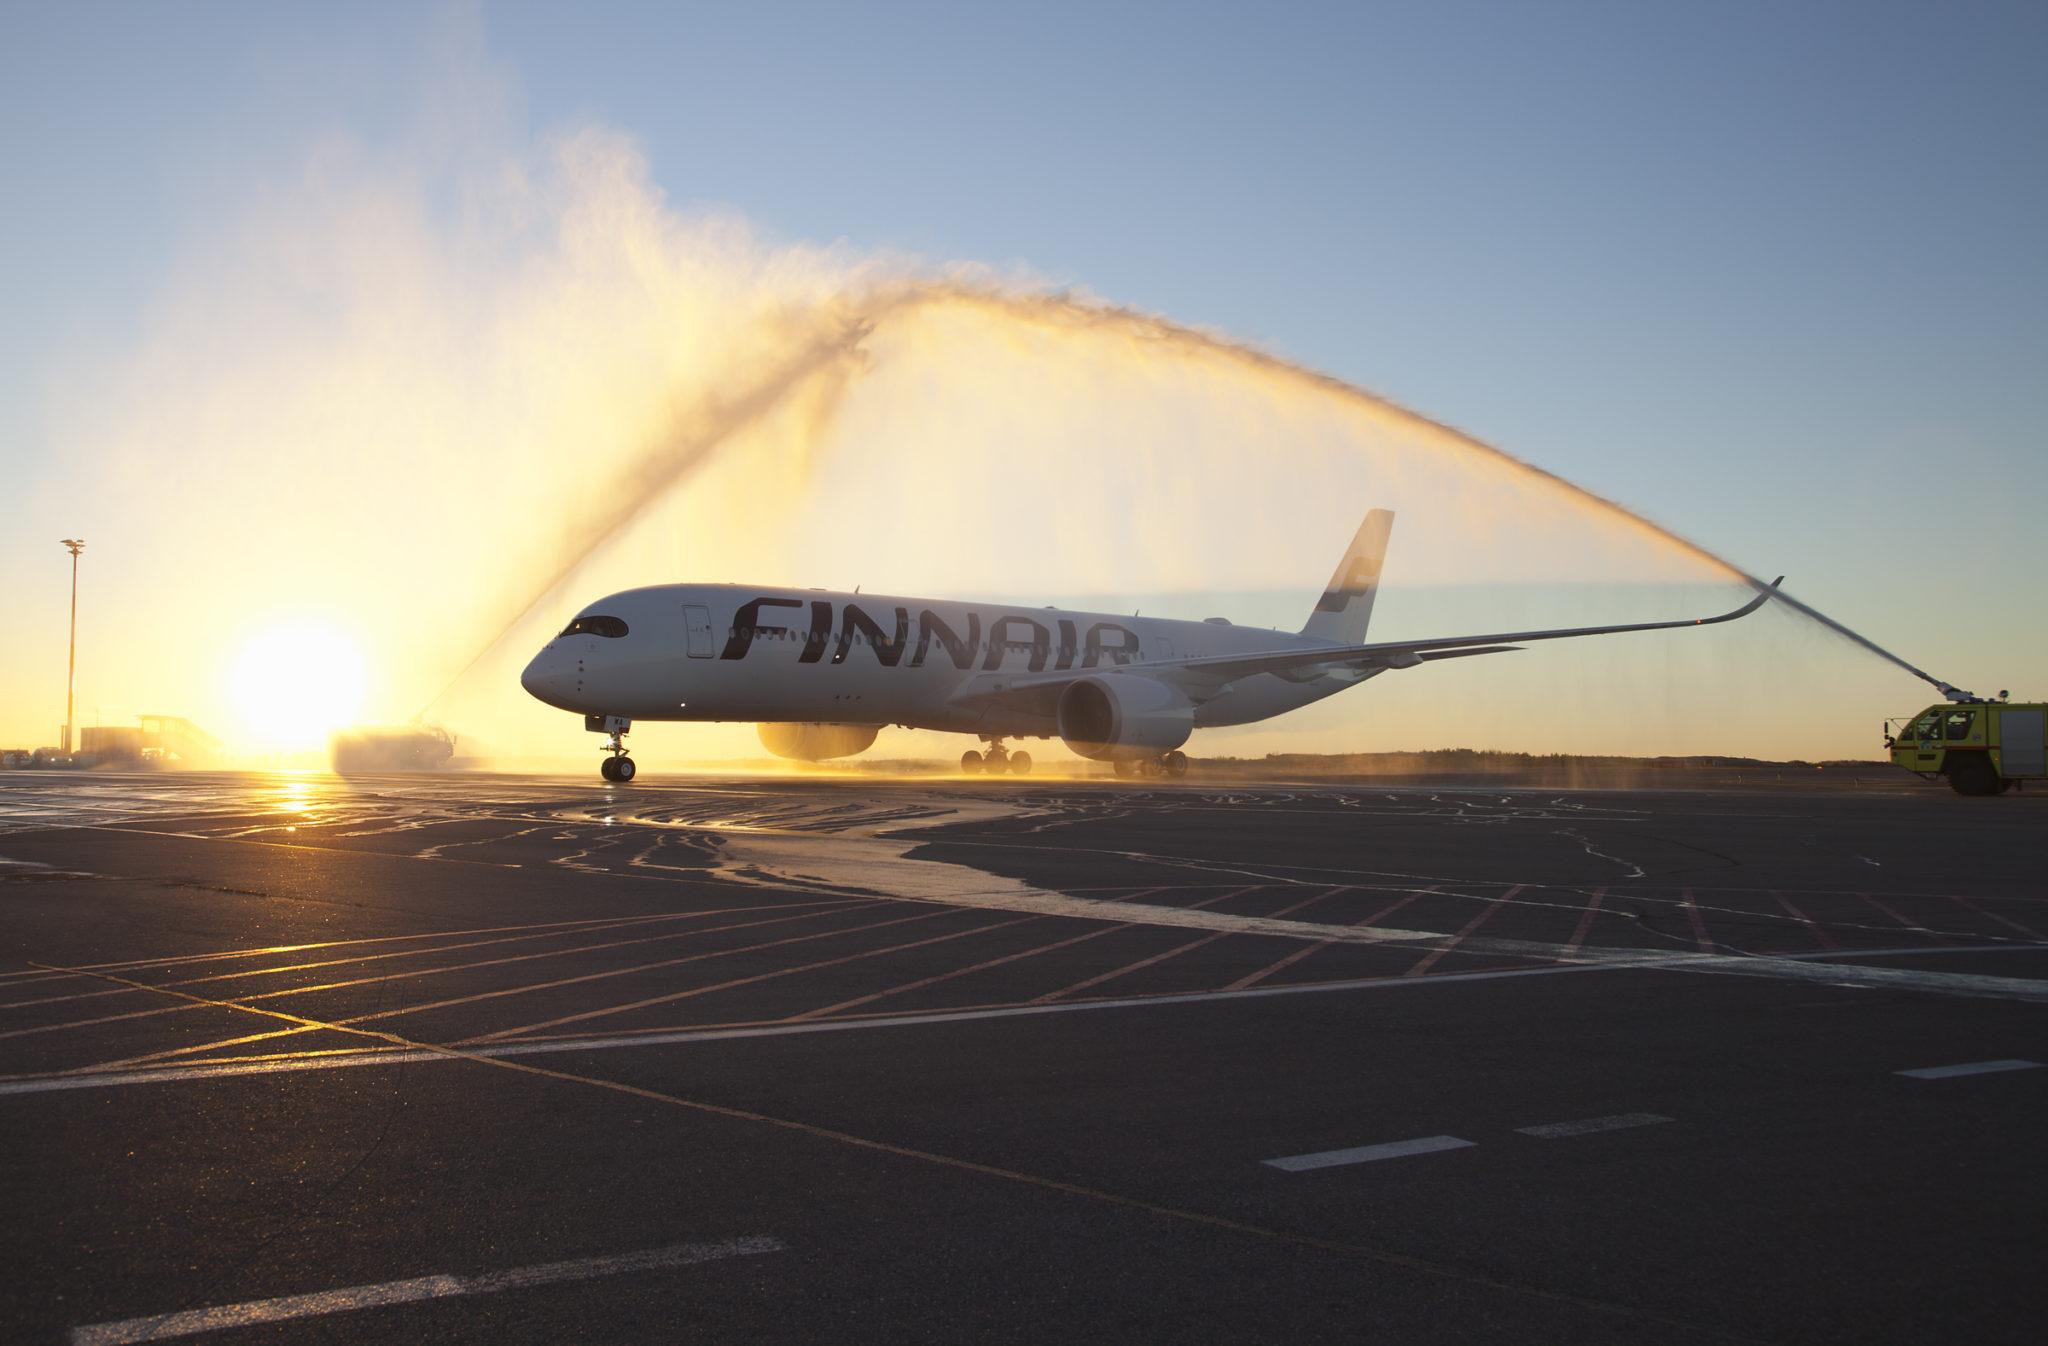 Finnair's A350 arrival